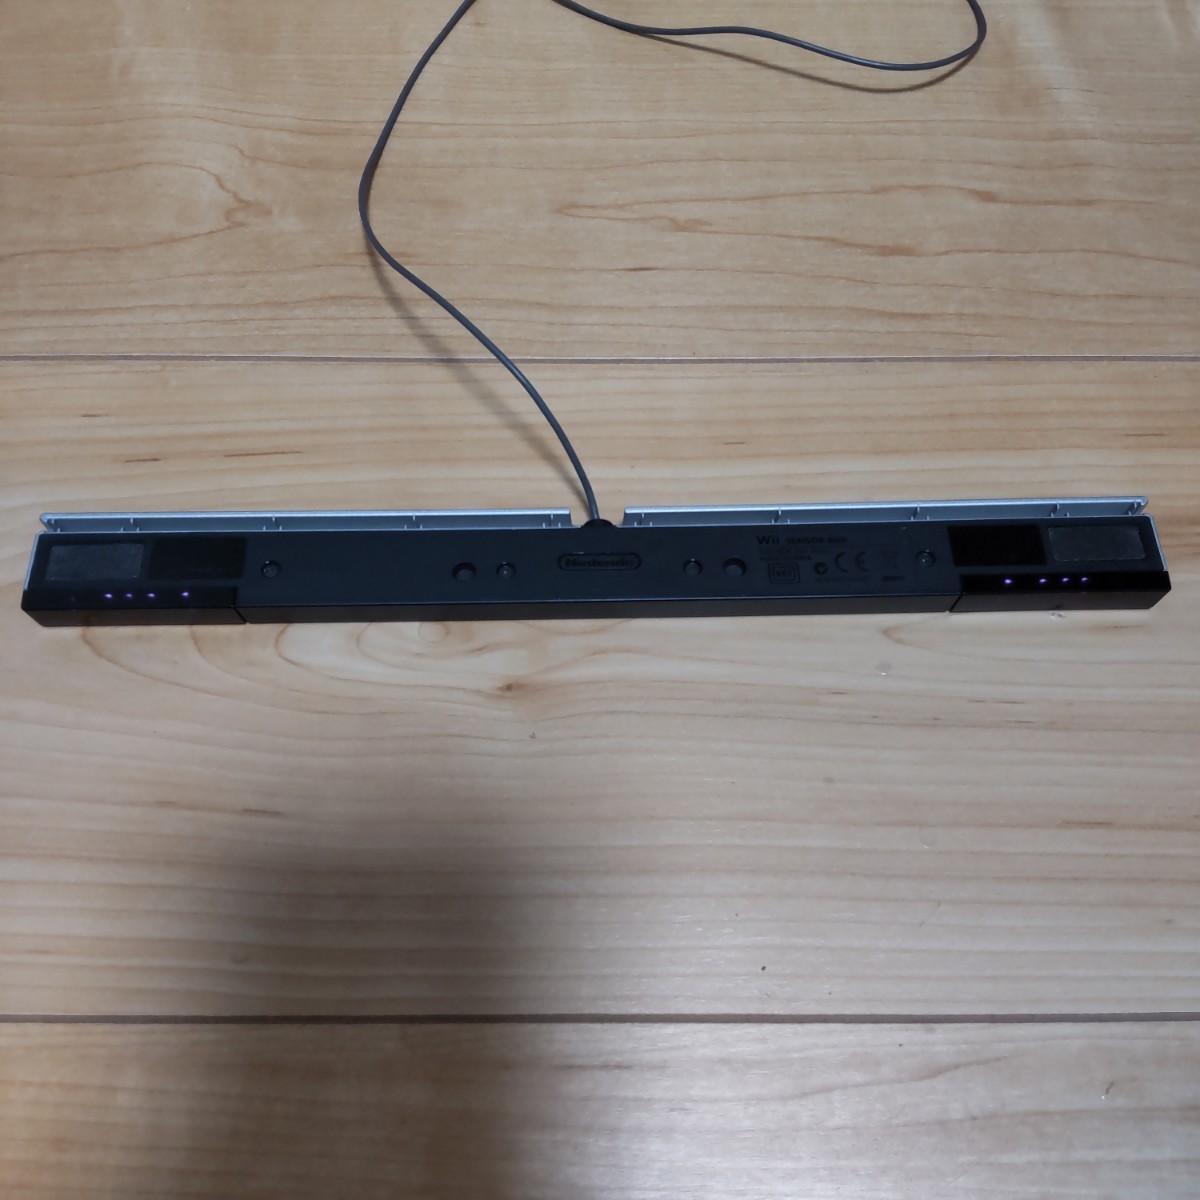 B.任天堂純正品 Wii / WiiU センサーバー  RVL-014